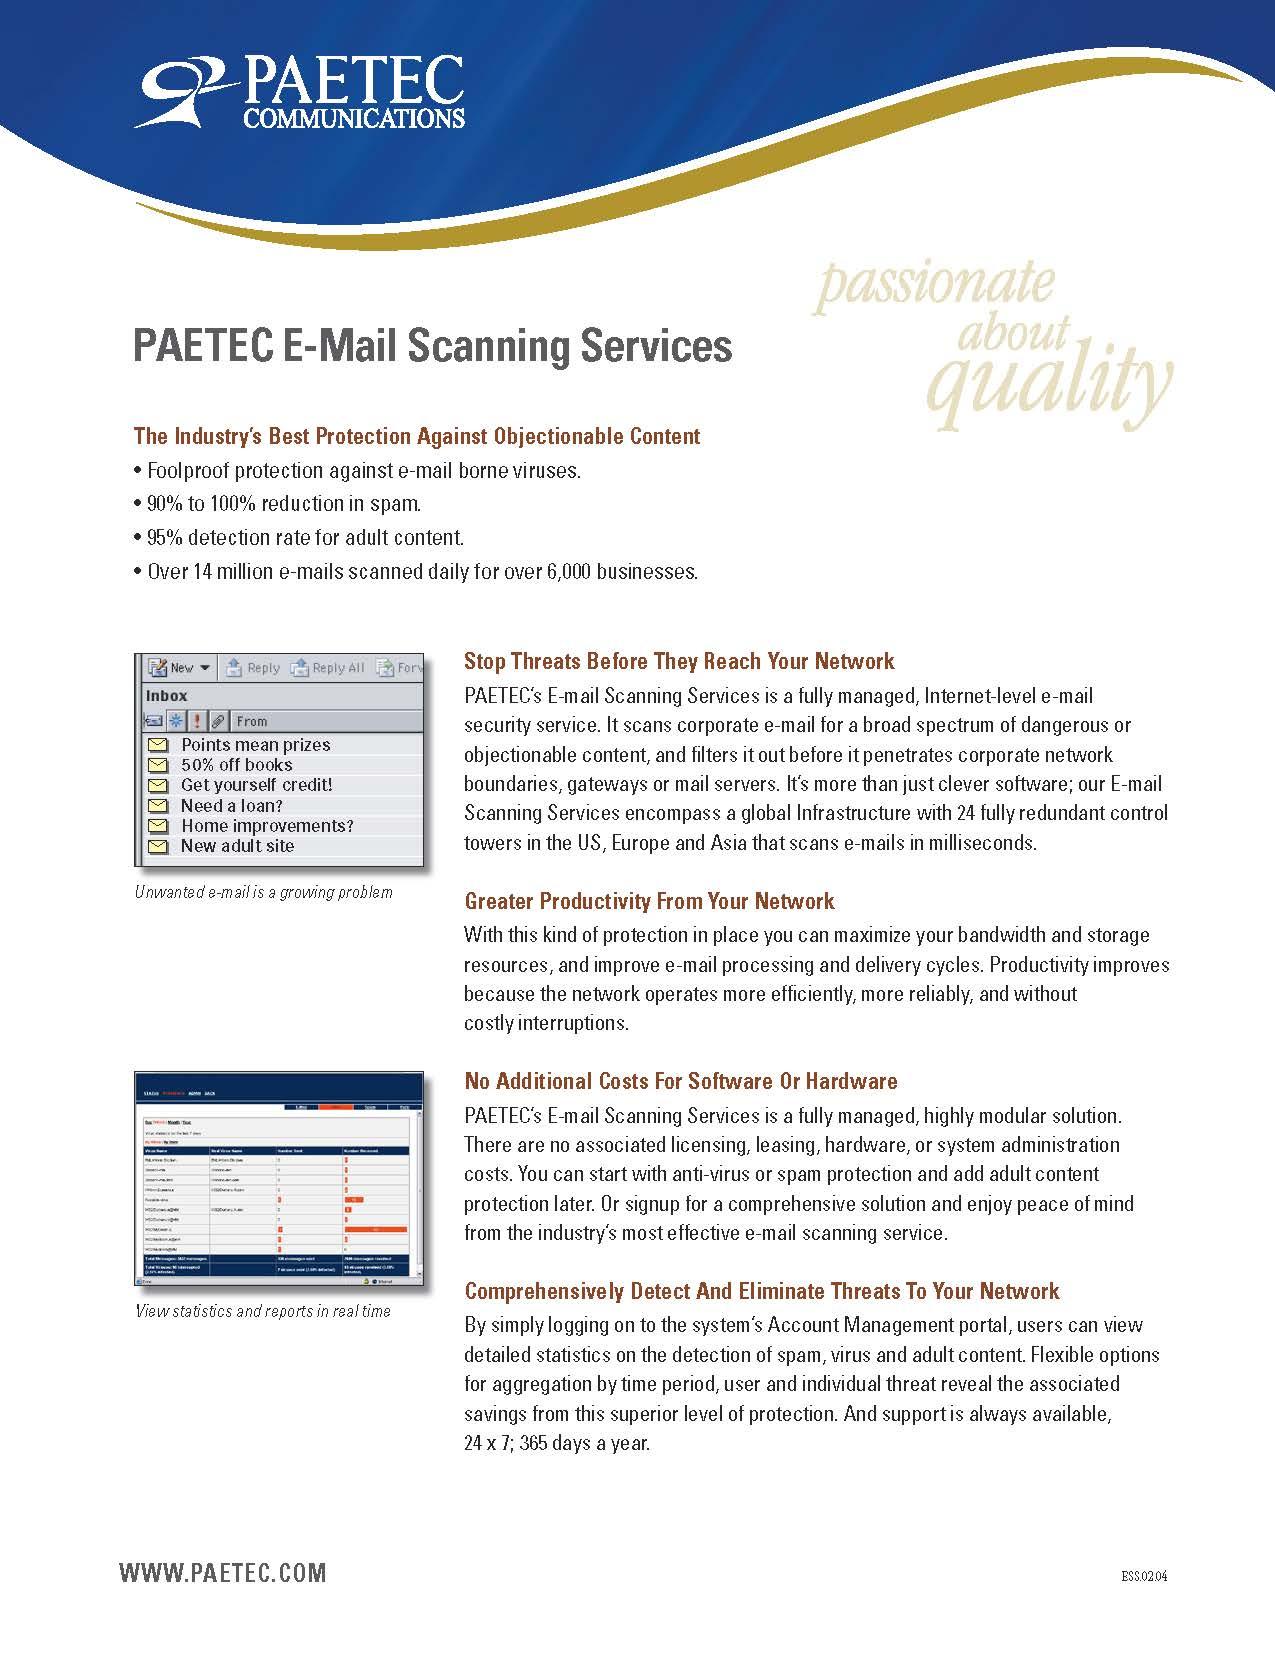 Paetec_Page_18.jpg